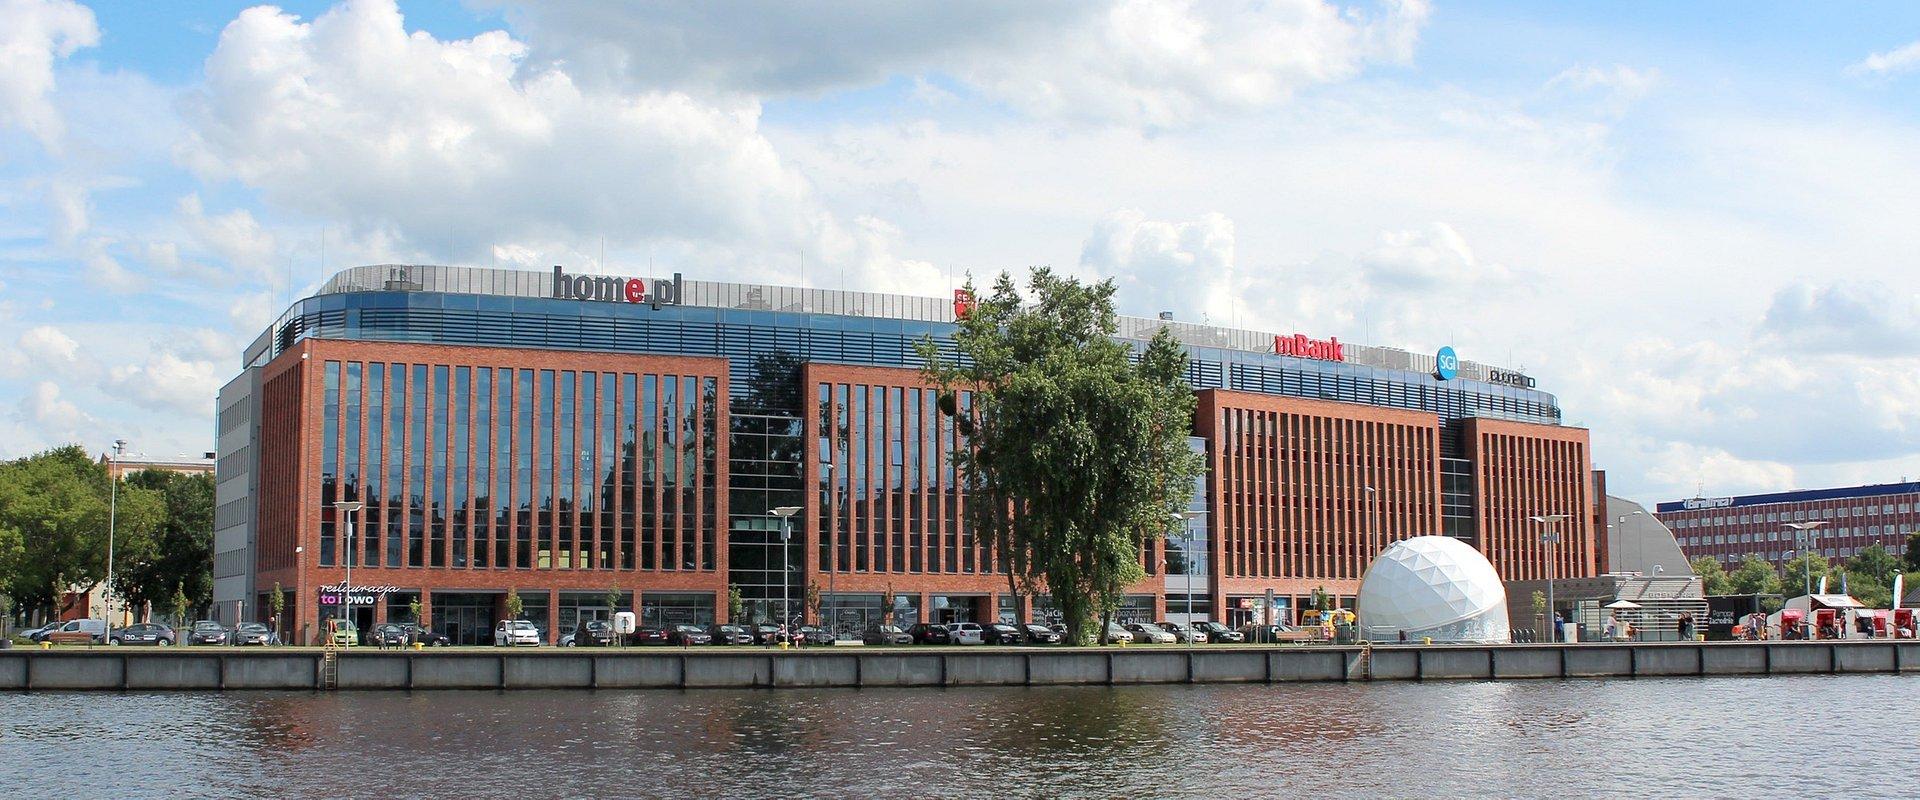 home.pl wkracza na kolejne europejskie rynki